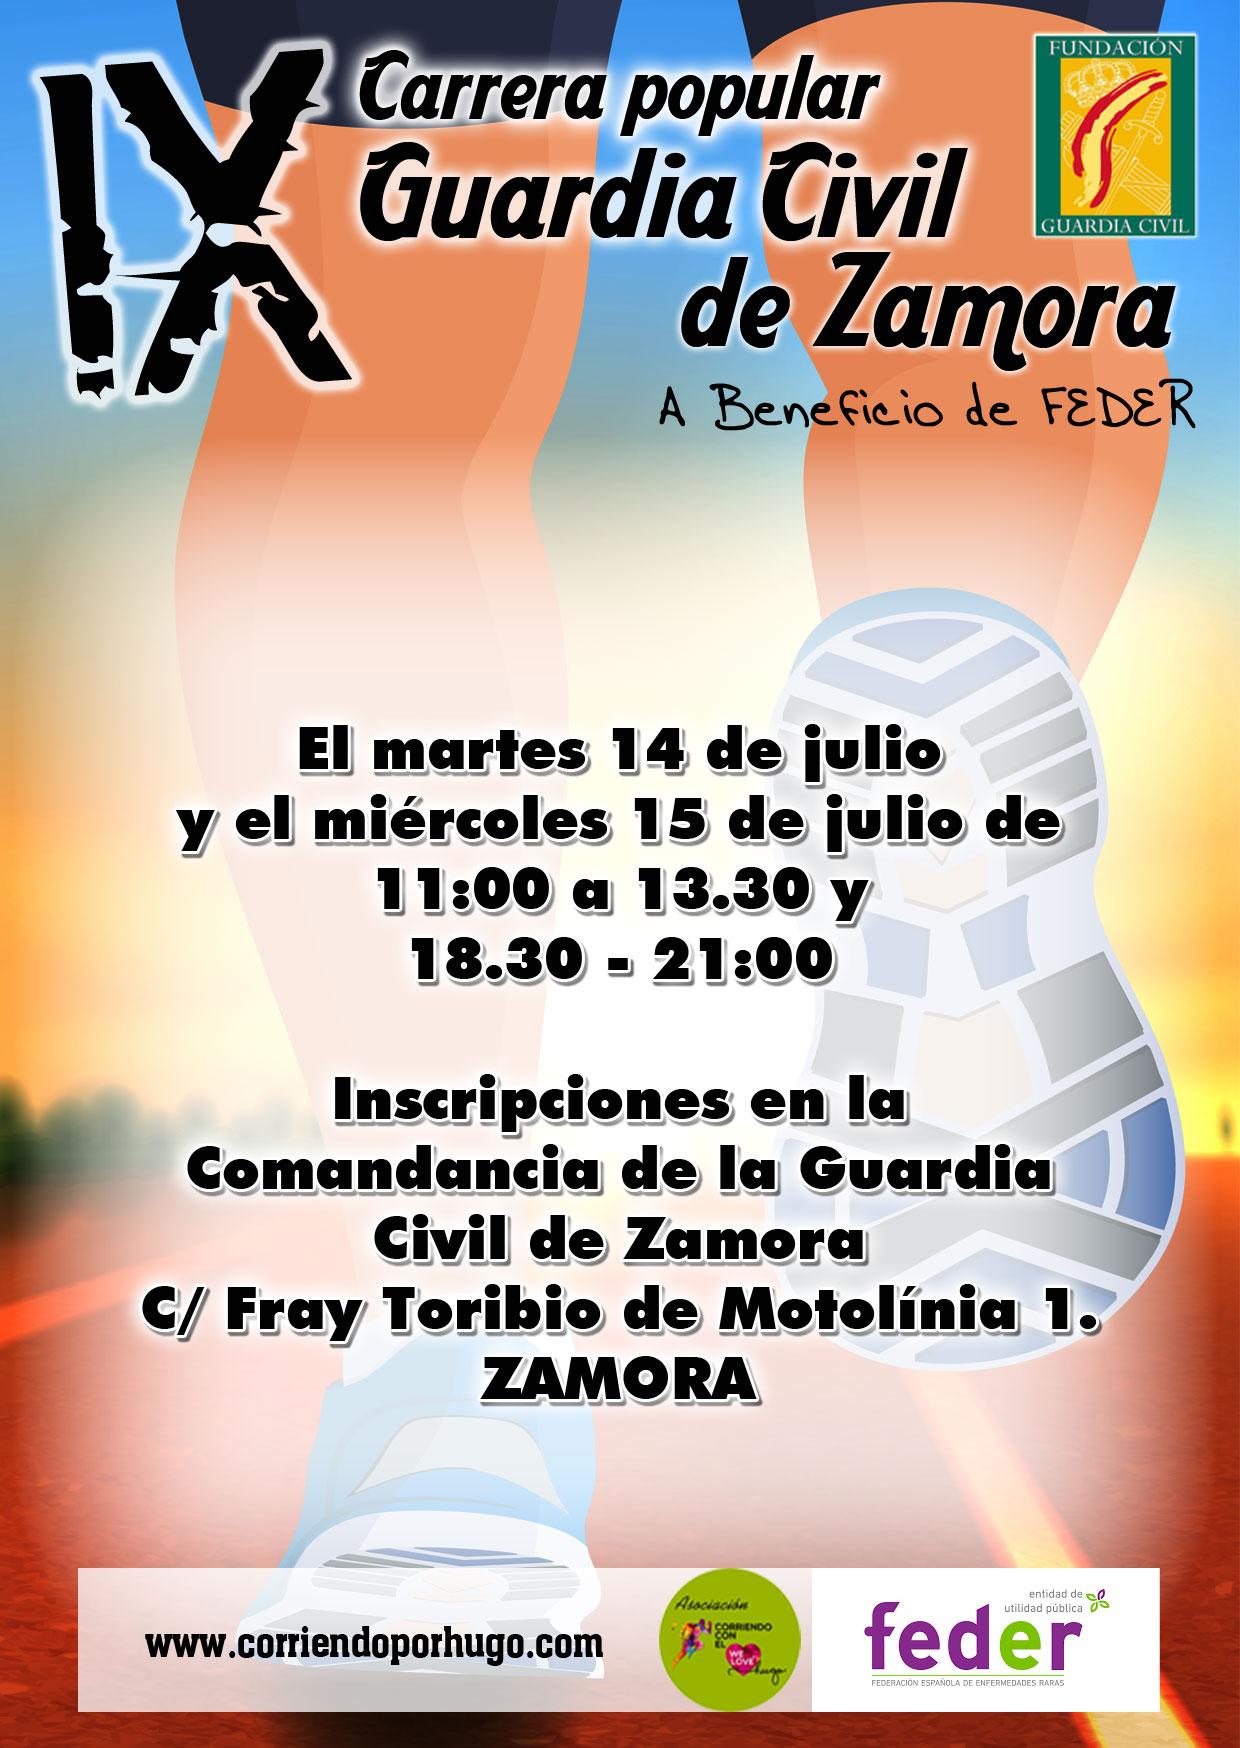 Abiertas inscripciones en la Comandancia de la Guardia Civil de Zamora los dias 14 y 15 julio